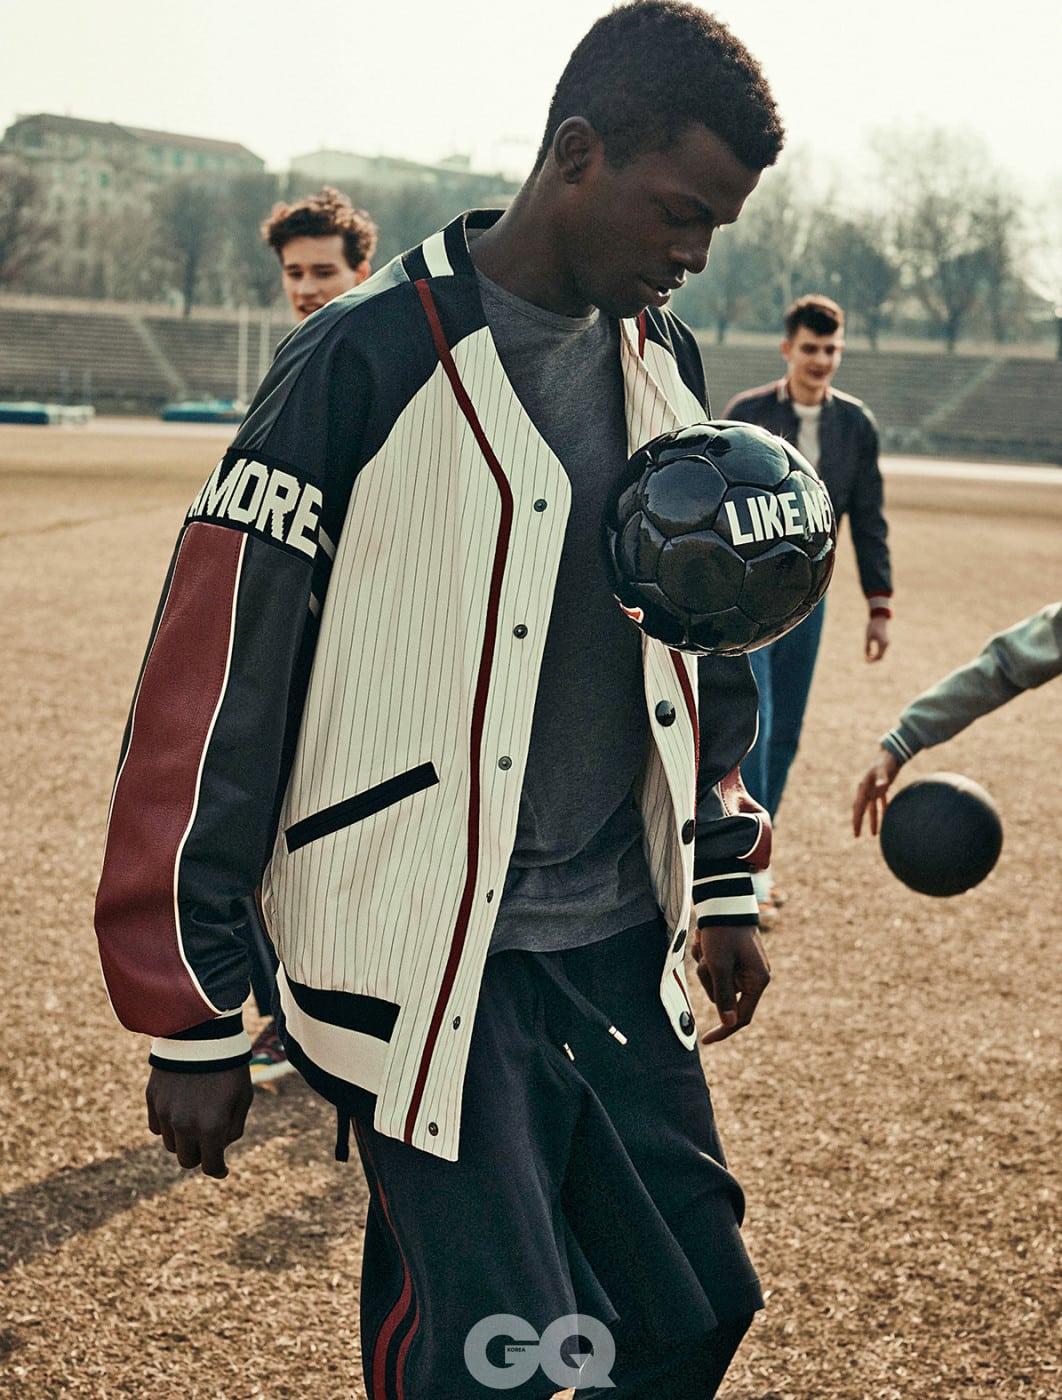 야구 점퍼, 팬츠, 티셔츠, 모두  돌체 & 가바나. 축구공,  카파 컨트롤.